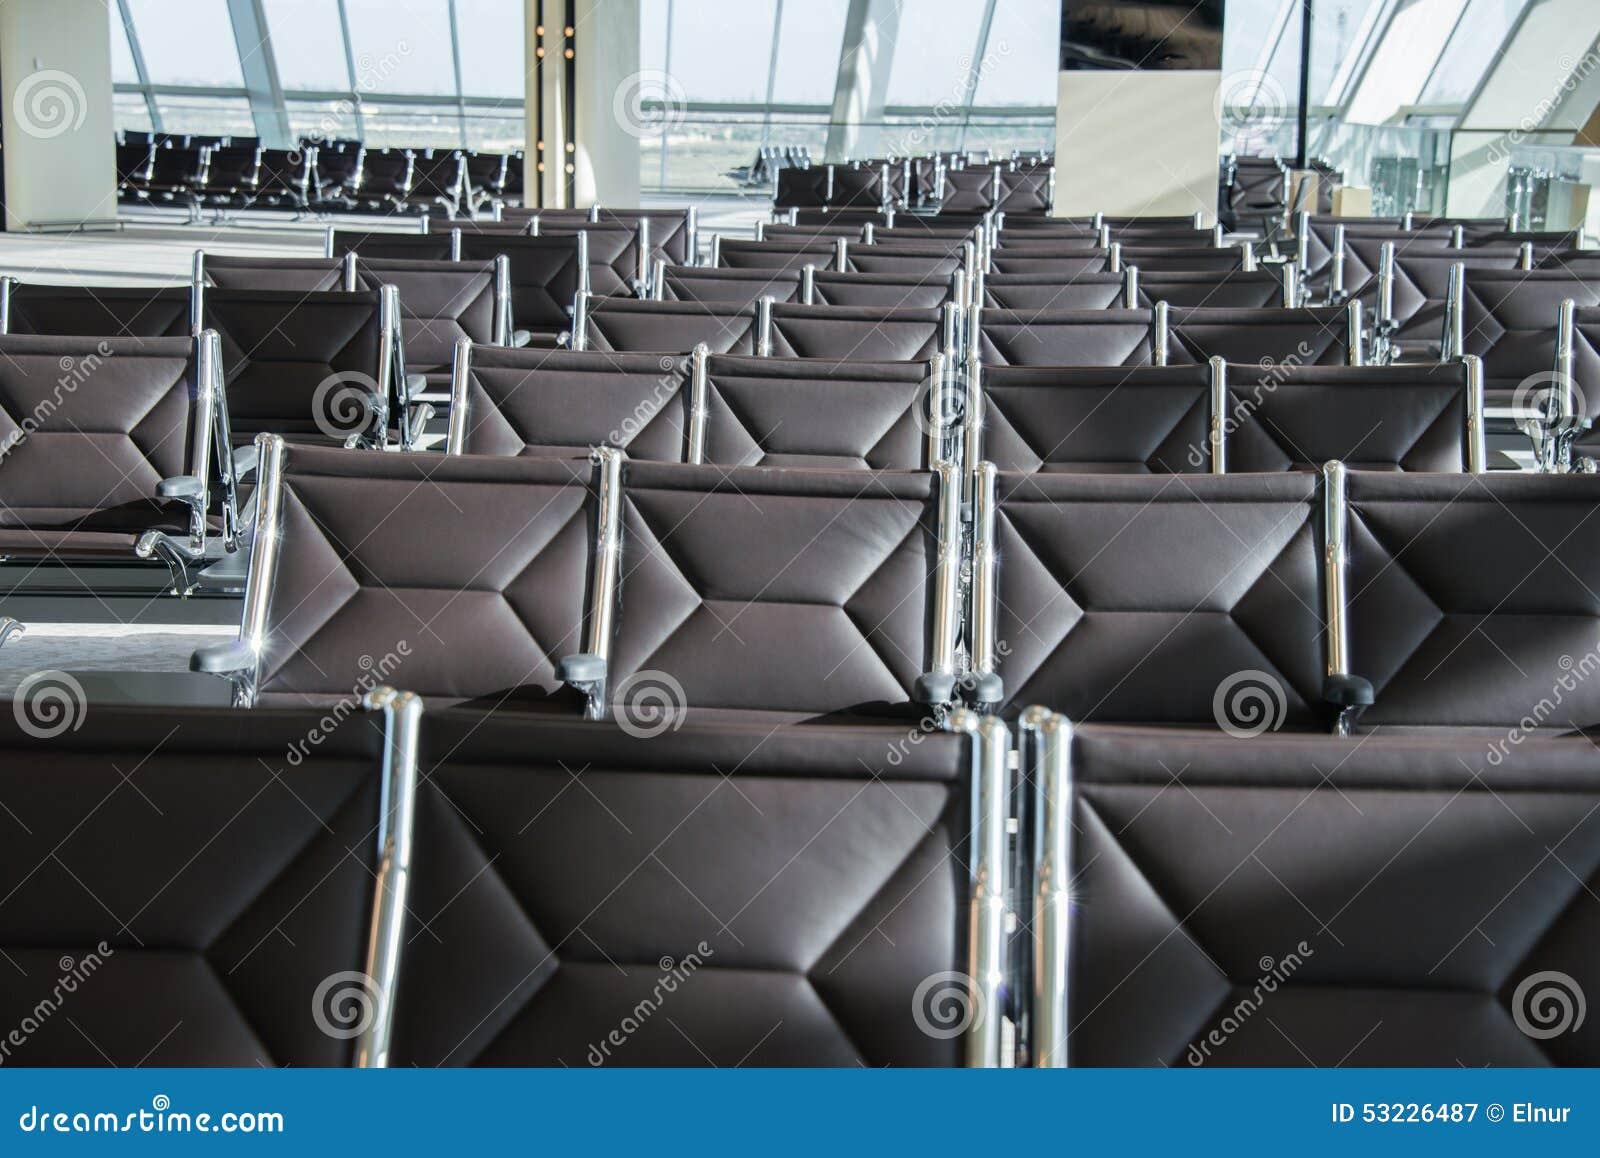 Sillas en el área del salón del aeropuerto